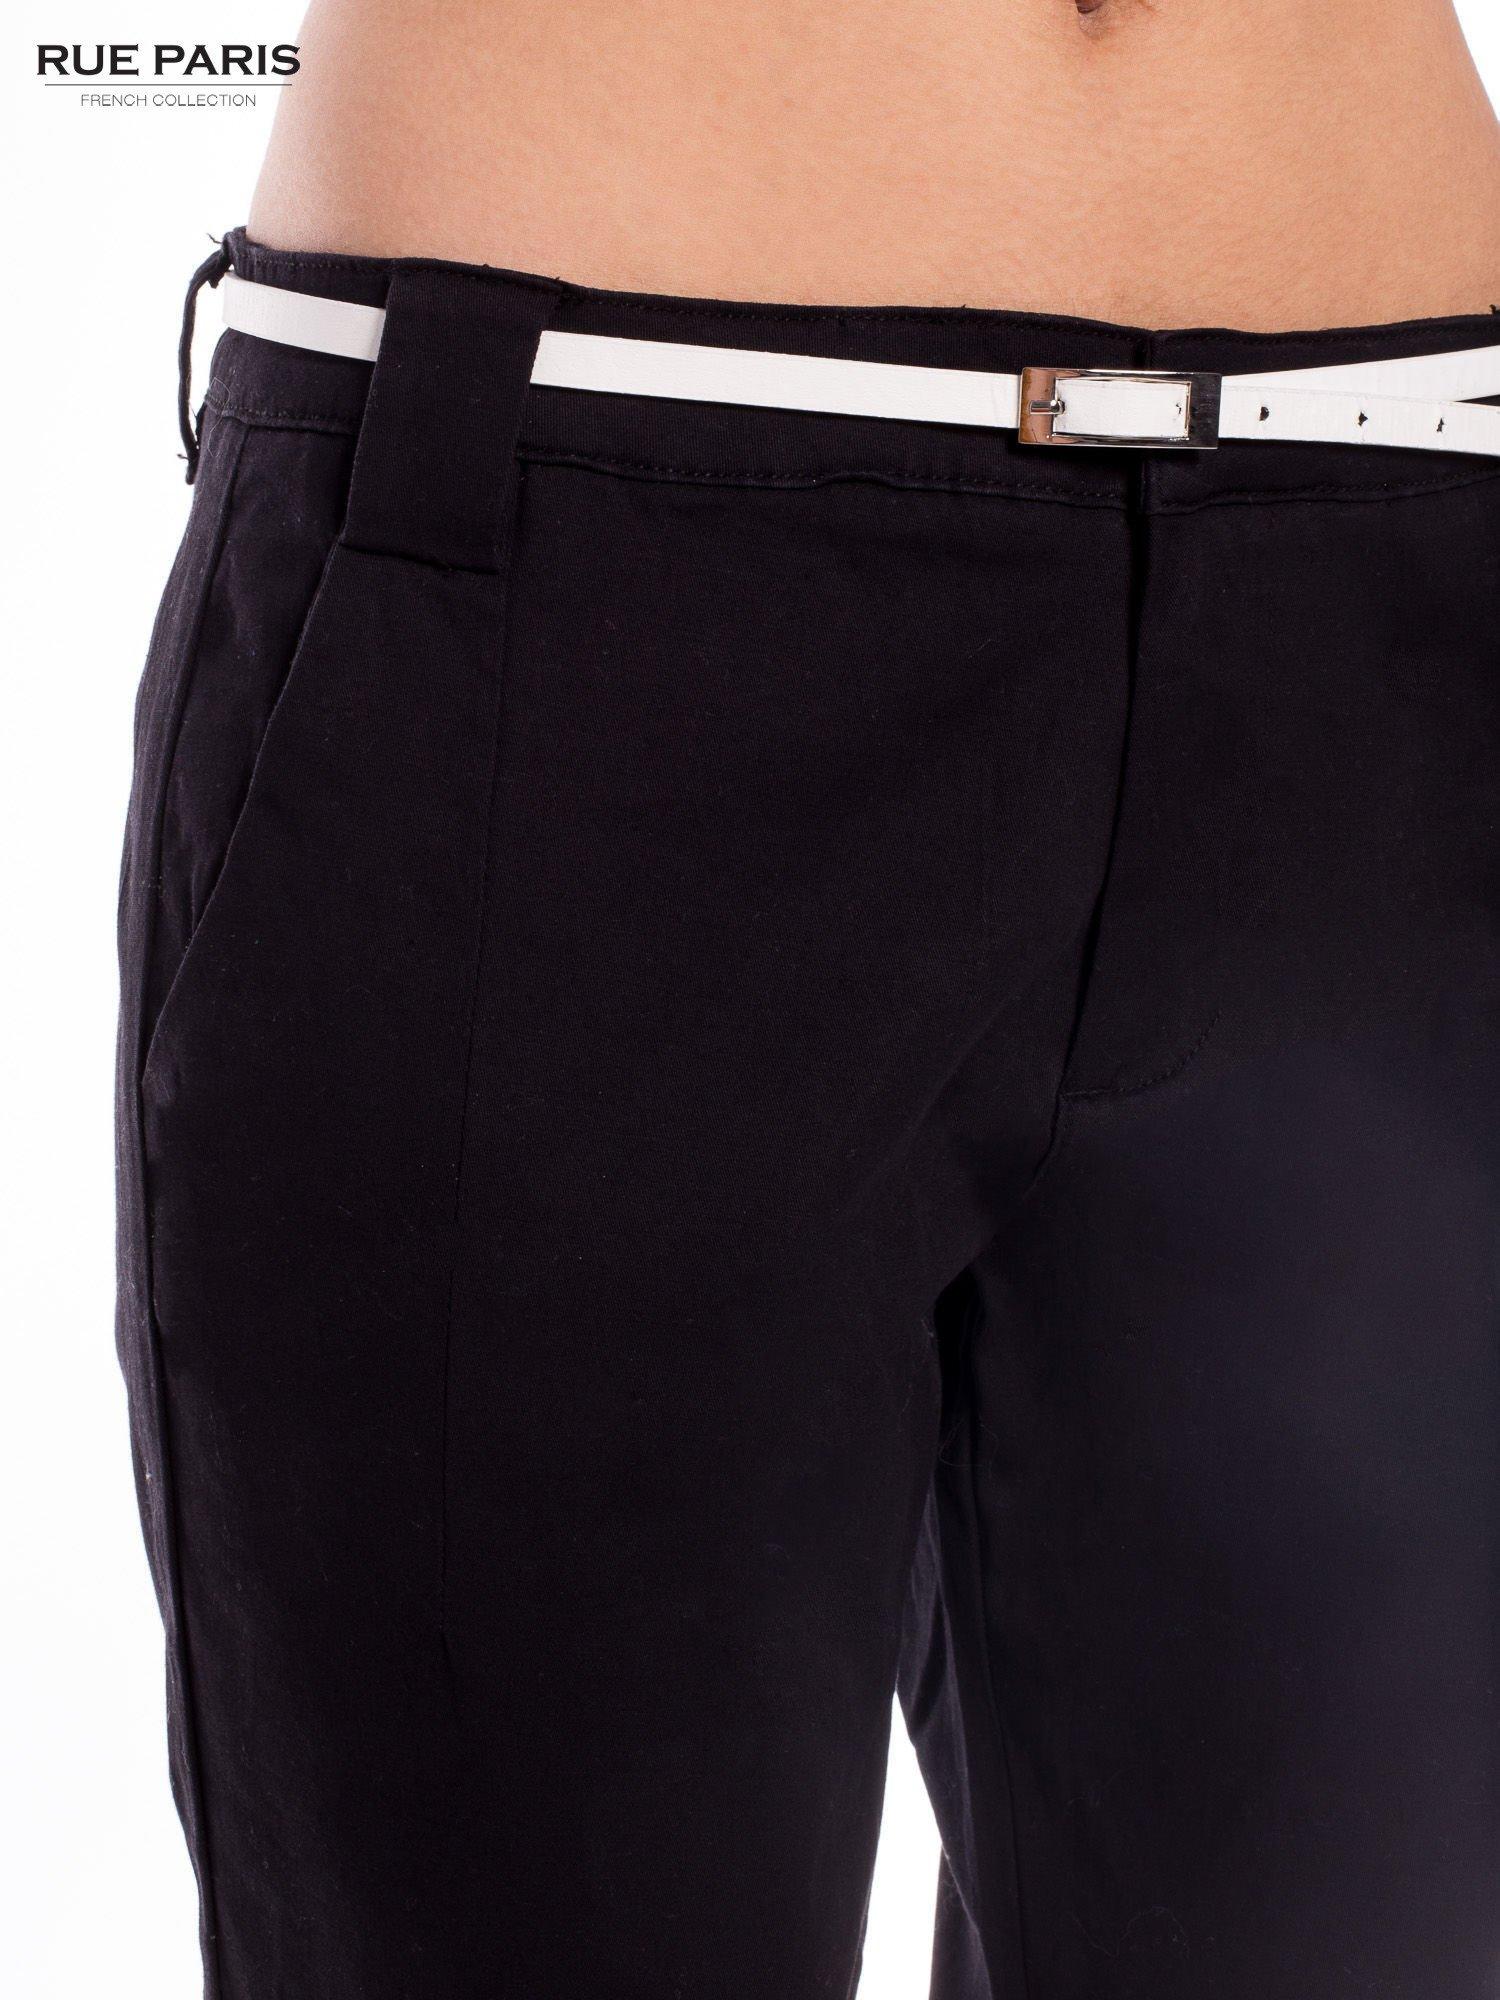 Czarne eleganckie spodnie damskie z paskiem                                  zdj.                                  4